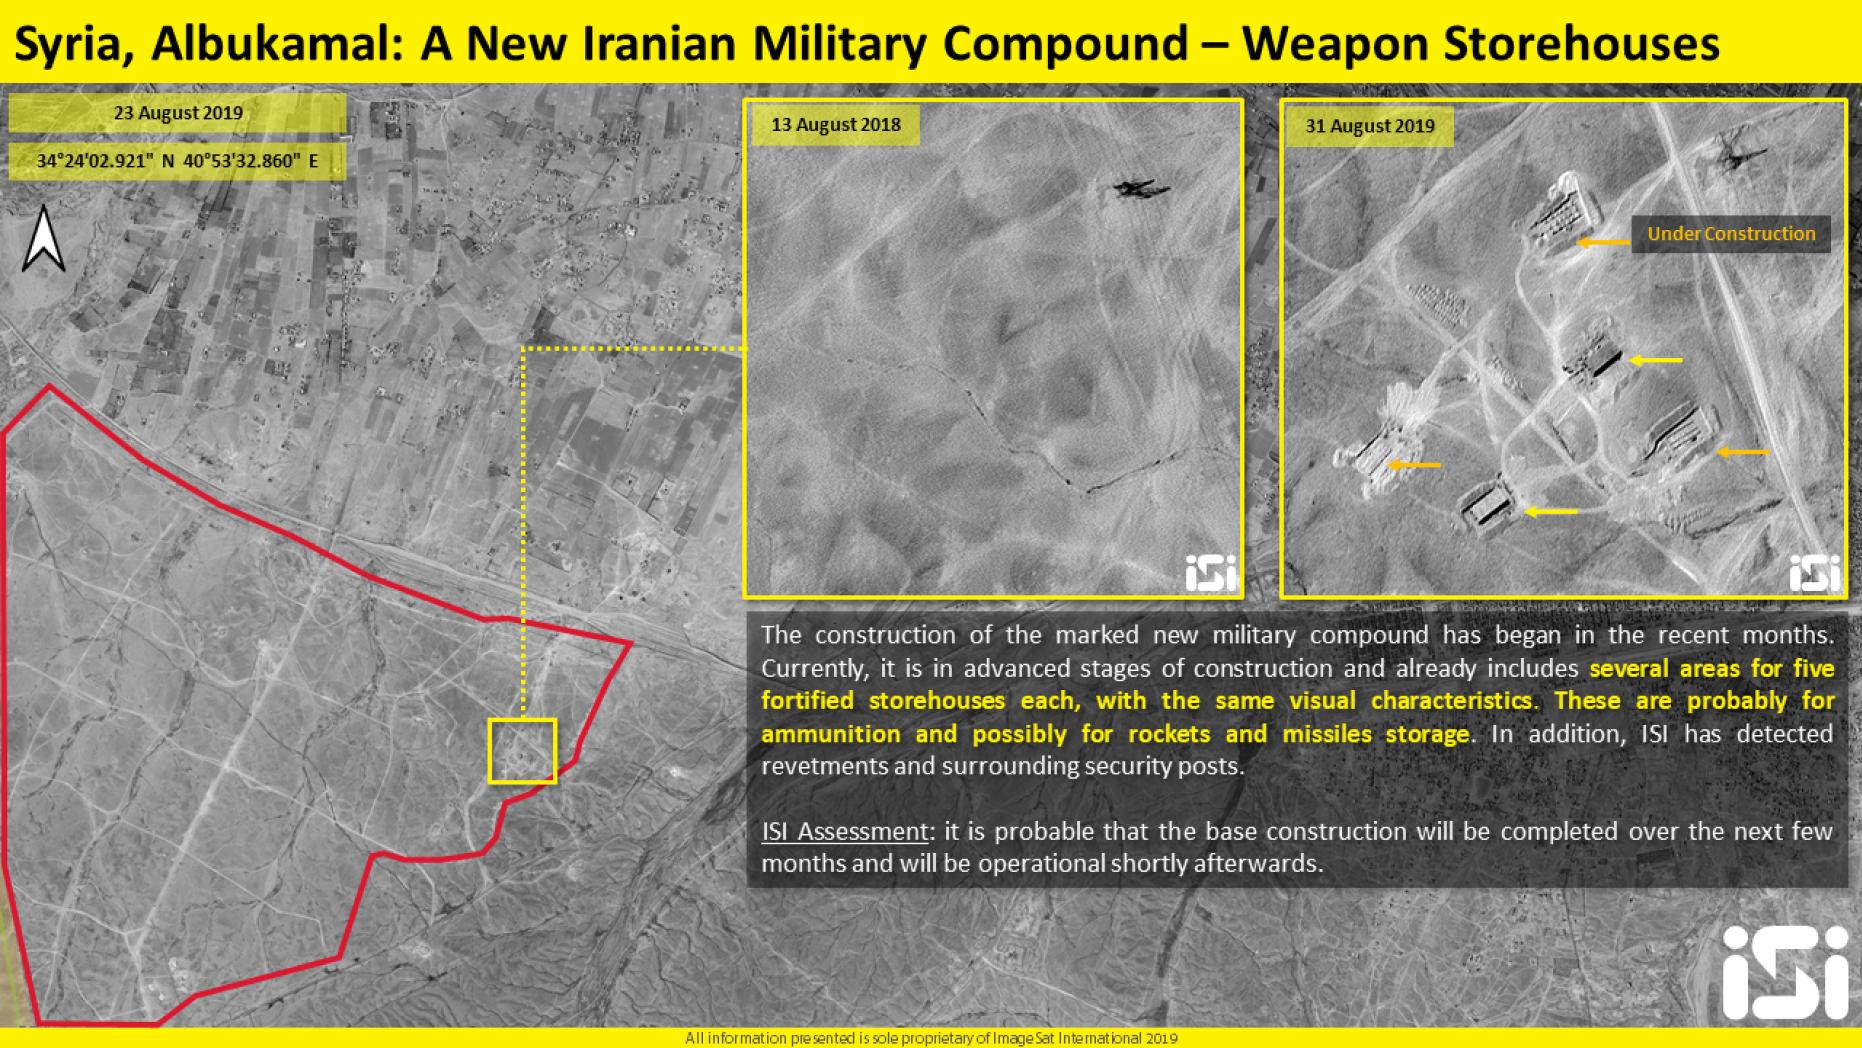 βάση στο Ιράν